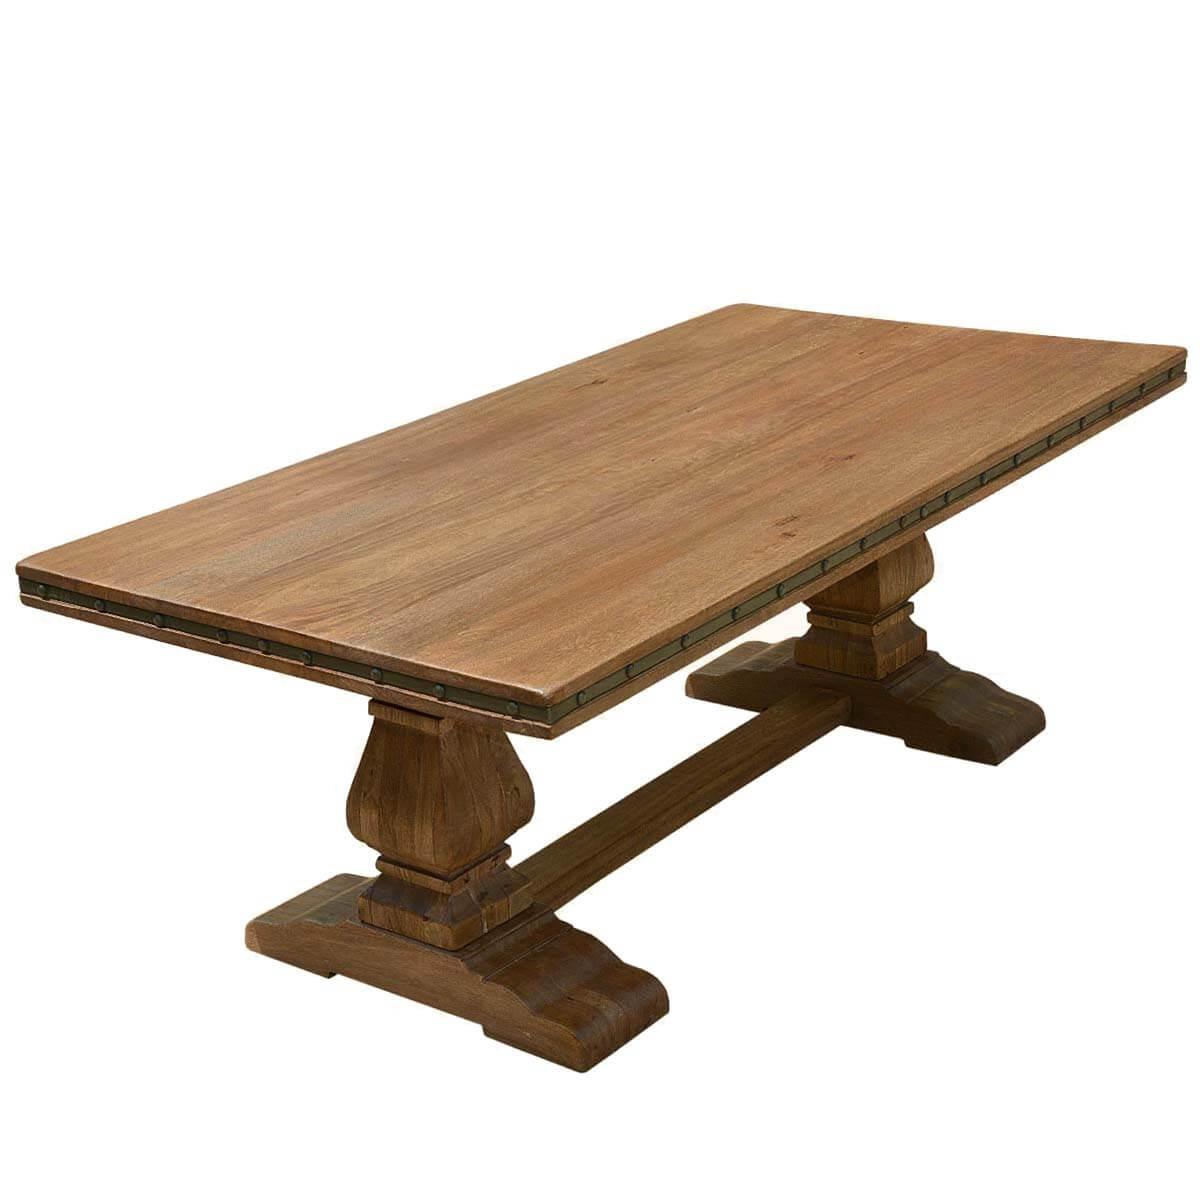 Rustic Solid Wood Trestle Pedestal Base Harvest Dining Table